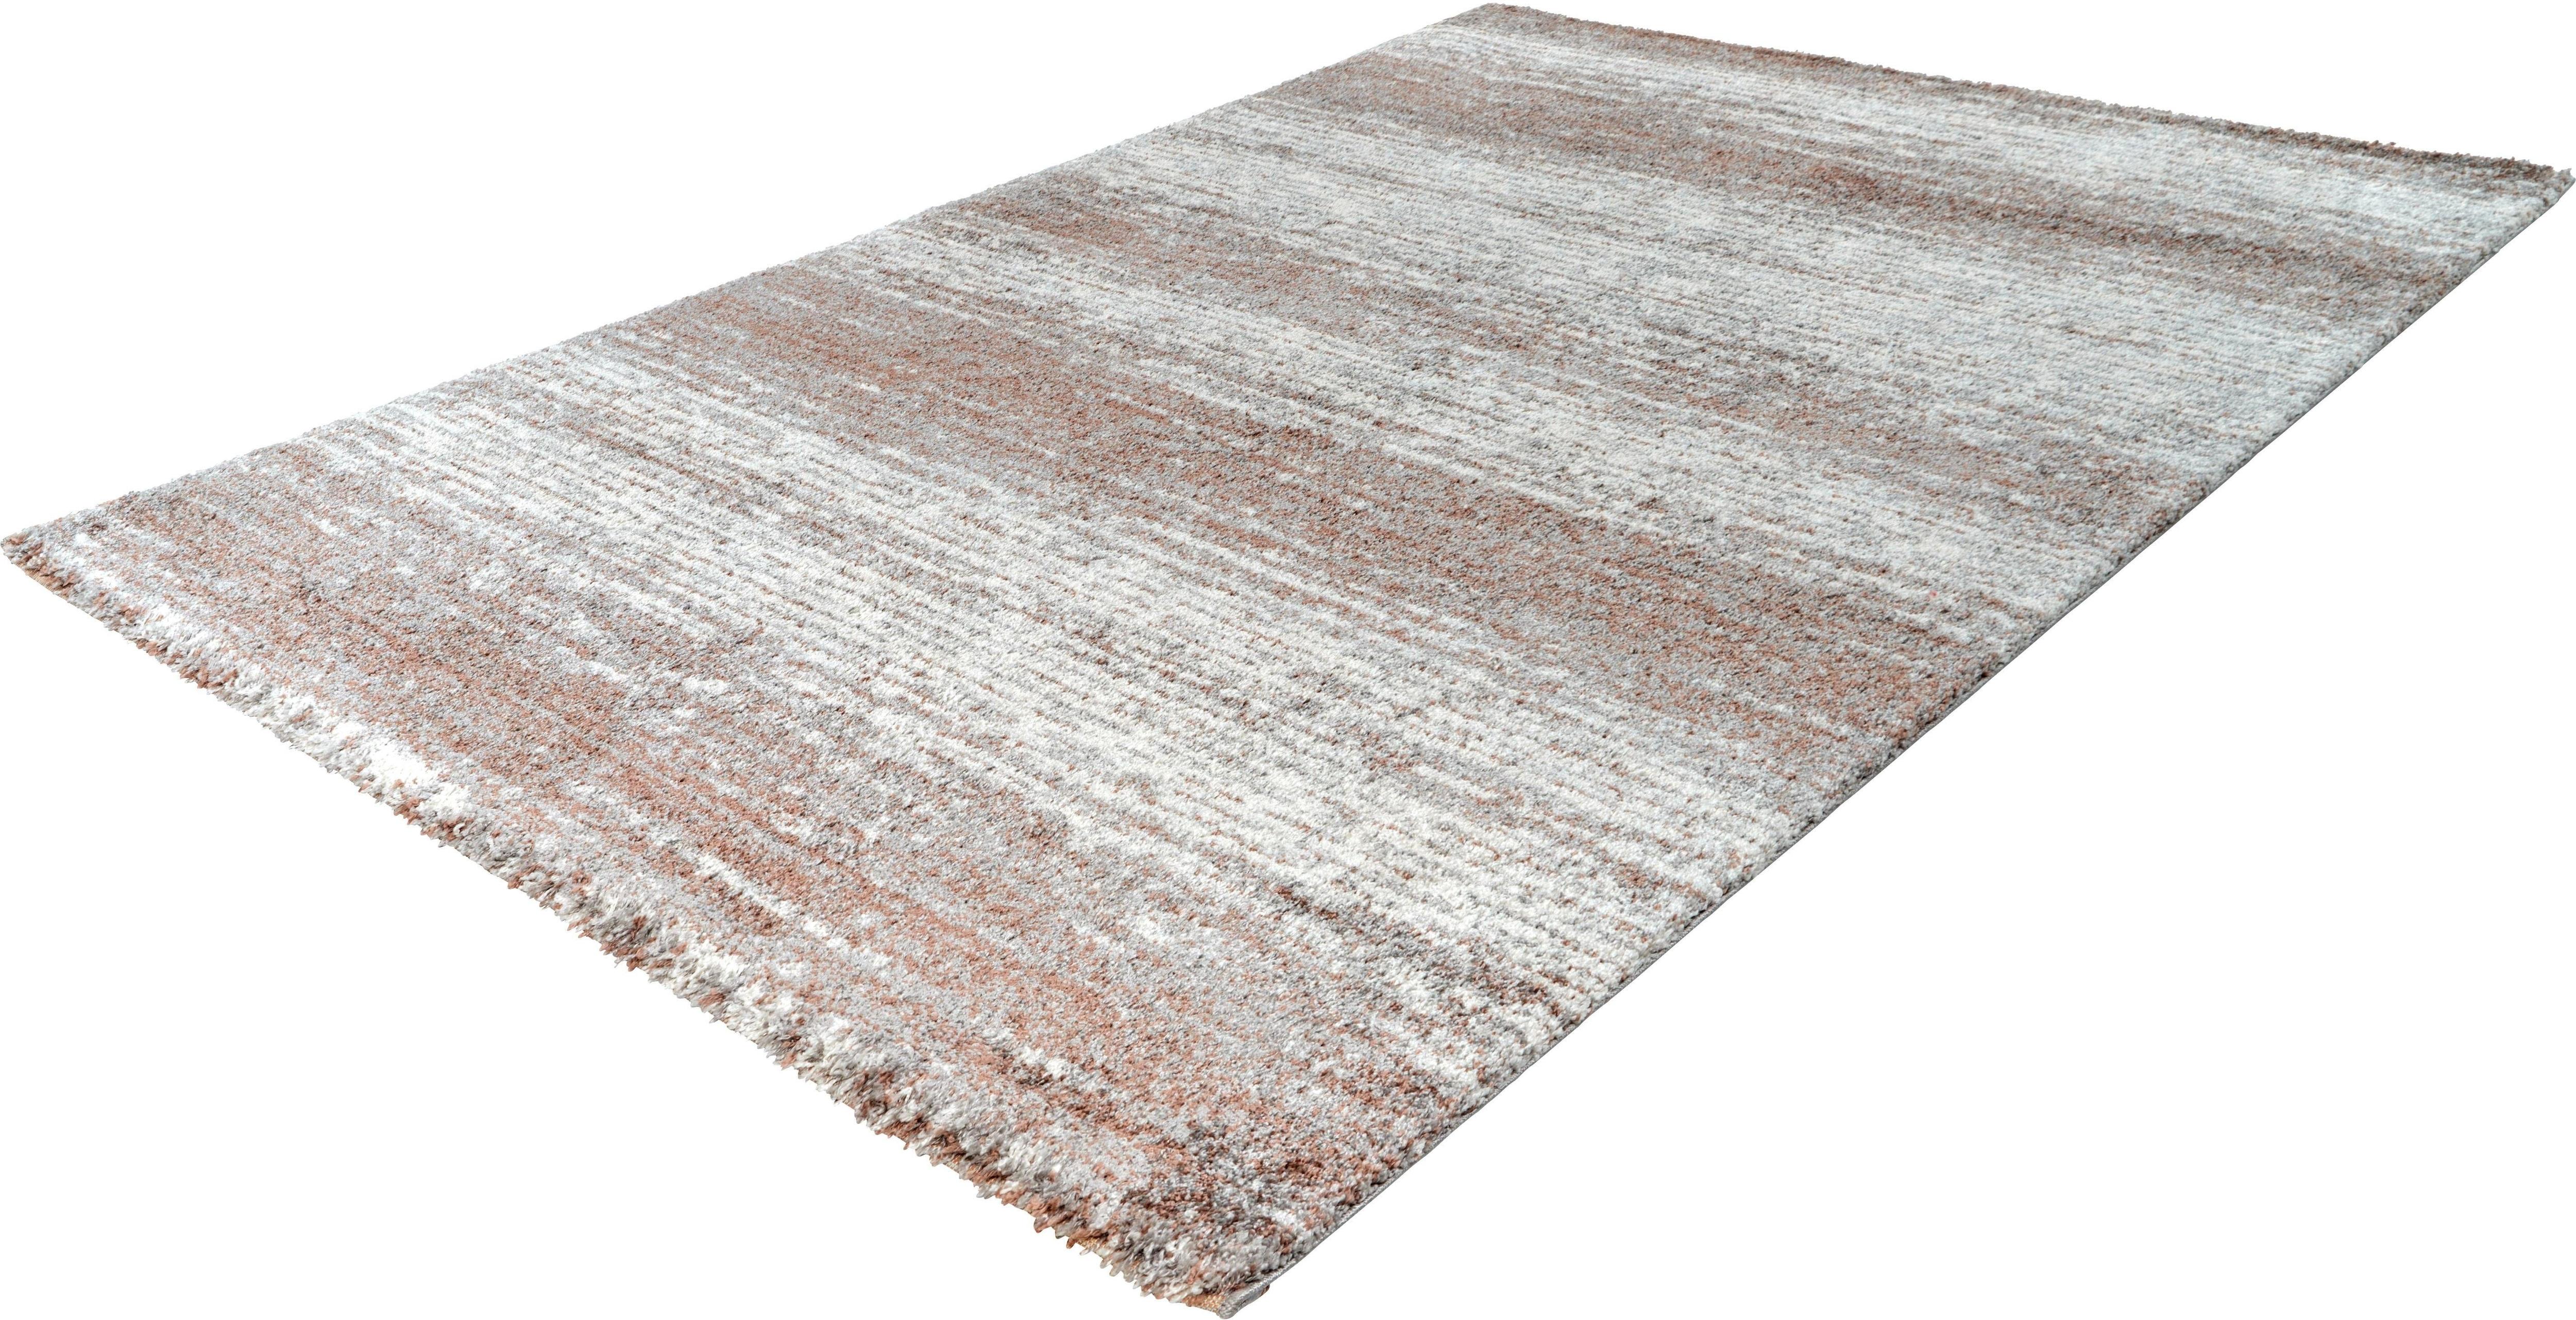 Teppich Lope 500 calo-deluxe rechteckig Höhe 22 mm maschinell gewebt